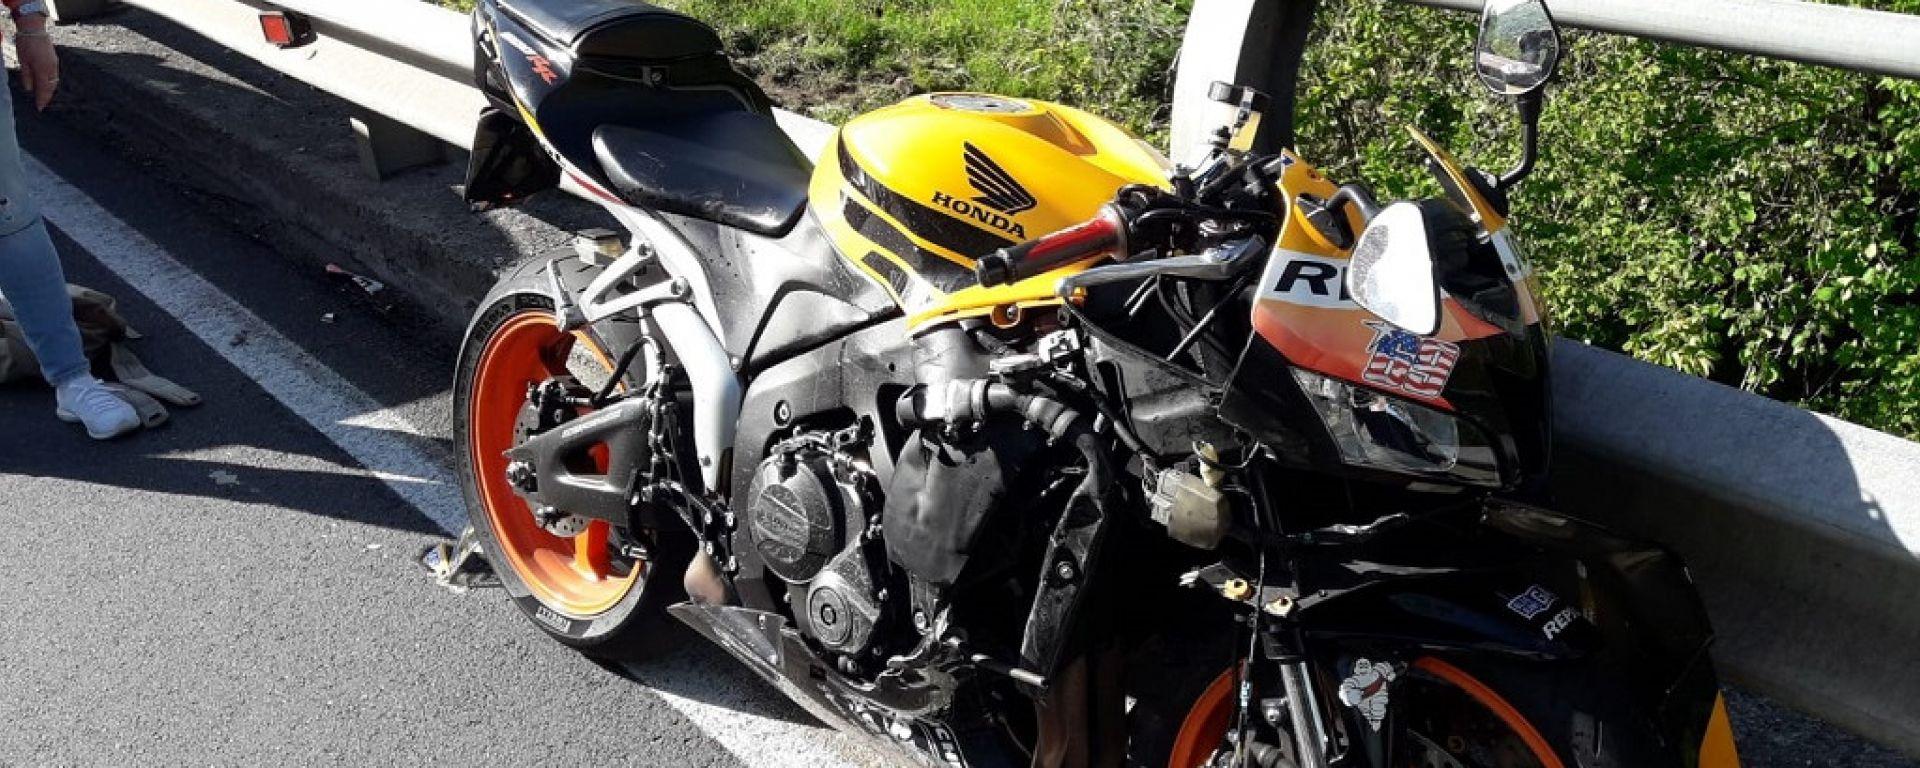 Barriere salva-motociclisti presto sulle strade italiane